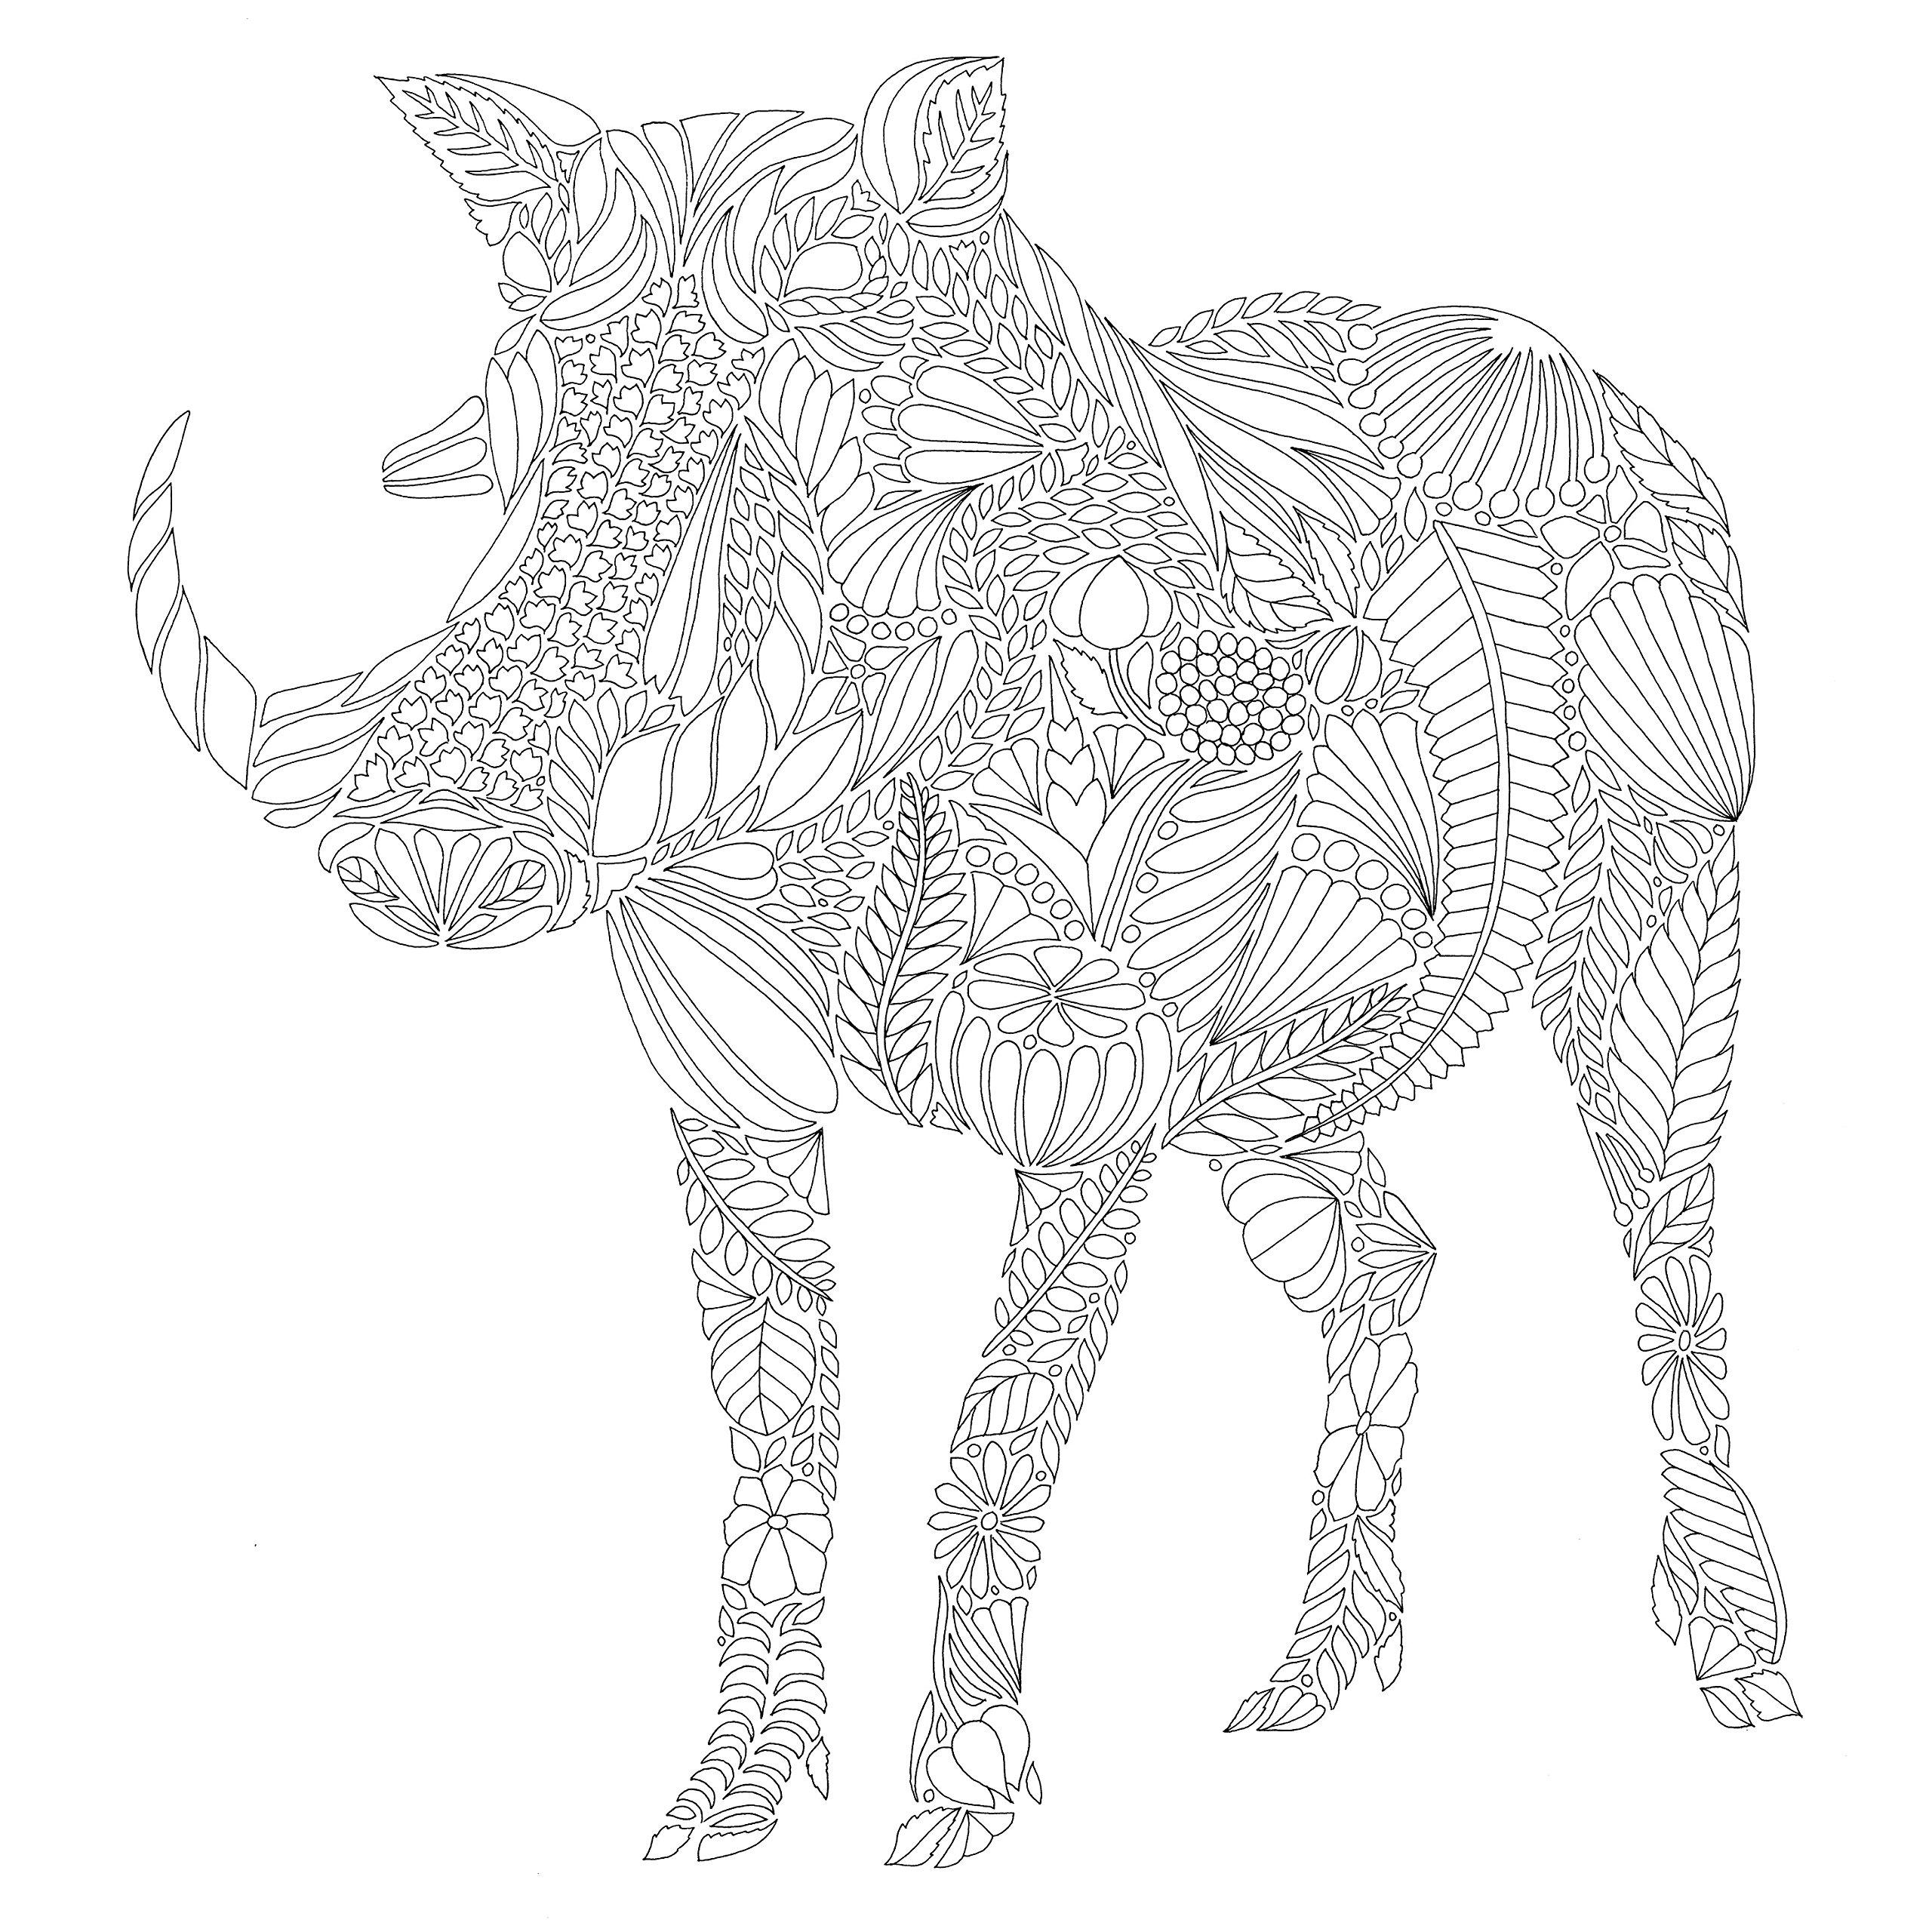 Кабан - Животные - Раскраски антистресс